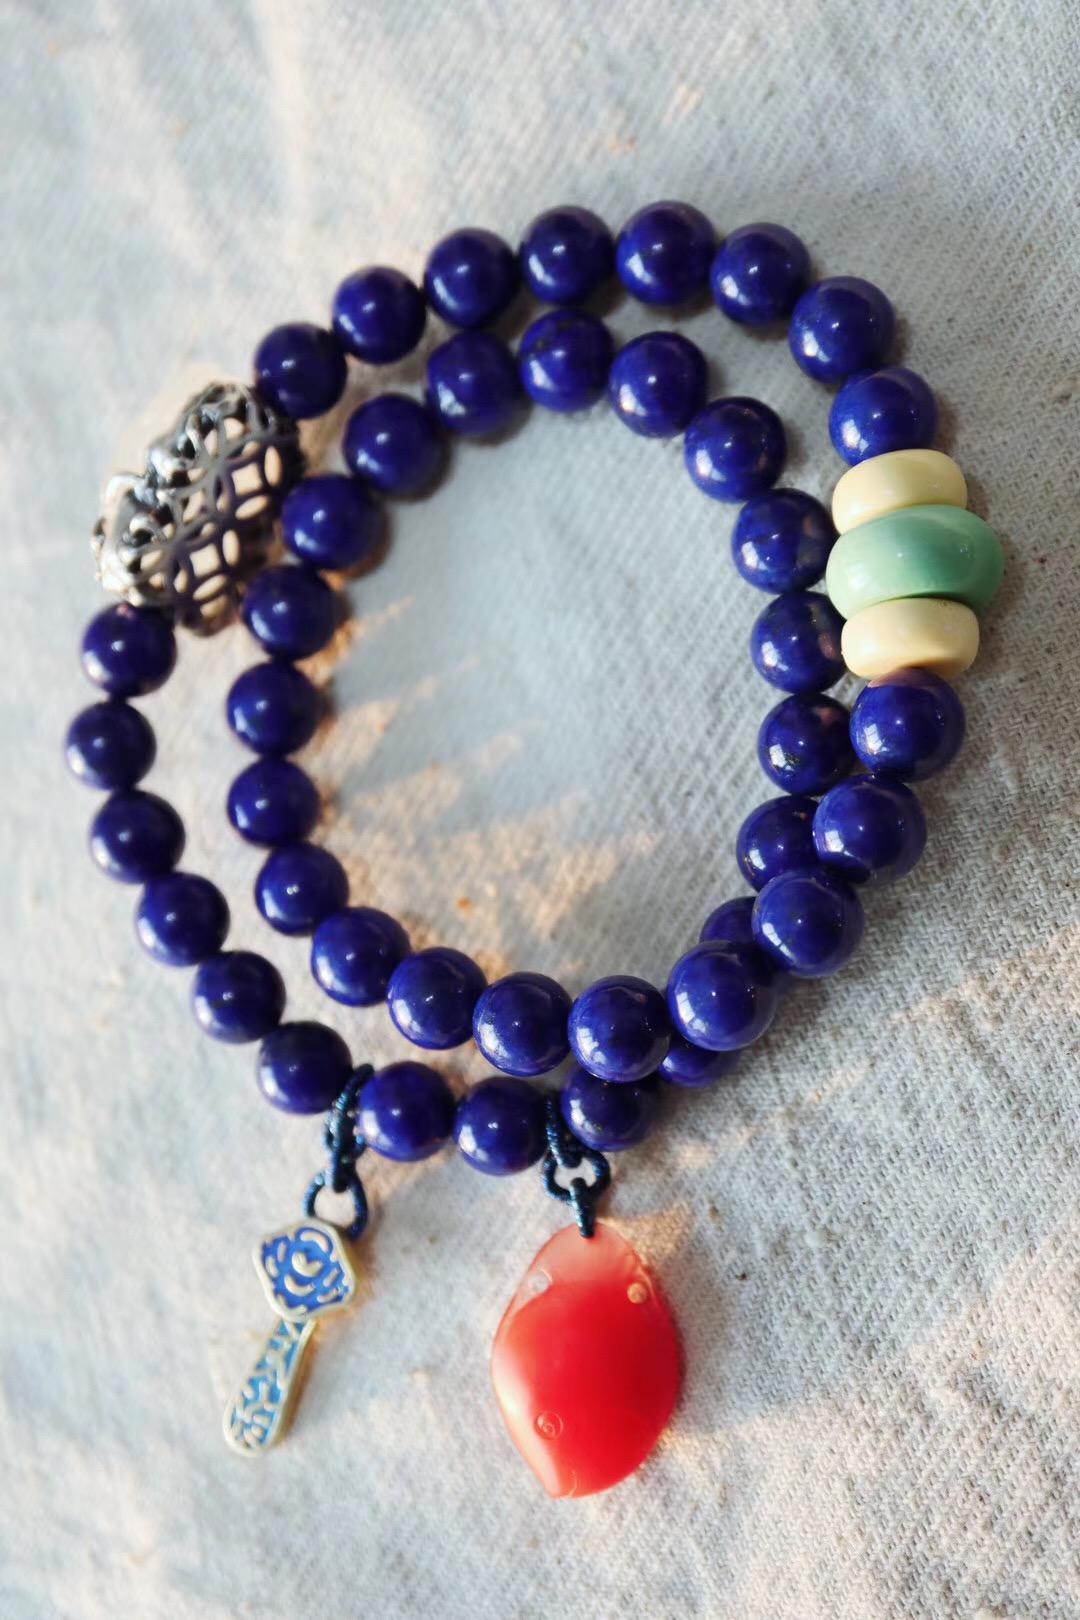 【青金石】奉上同样美好的一款帝王青手链,青金石里最好的品质-菩心晶舍